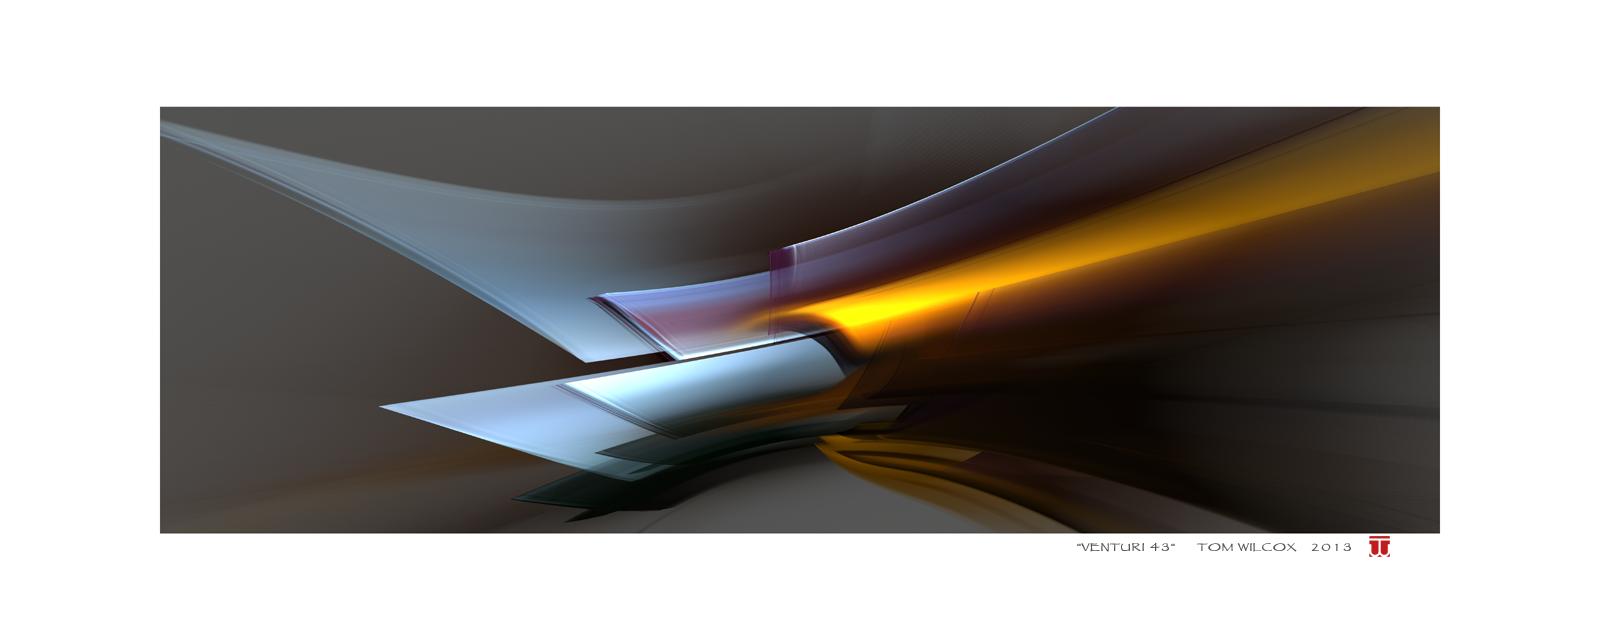 Venturi 43 by TomWilcox